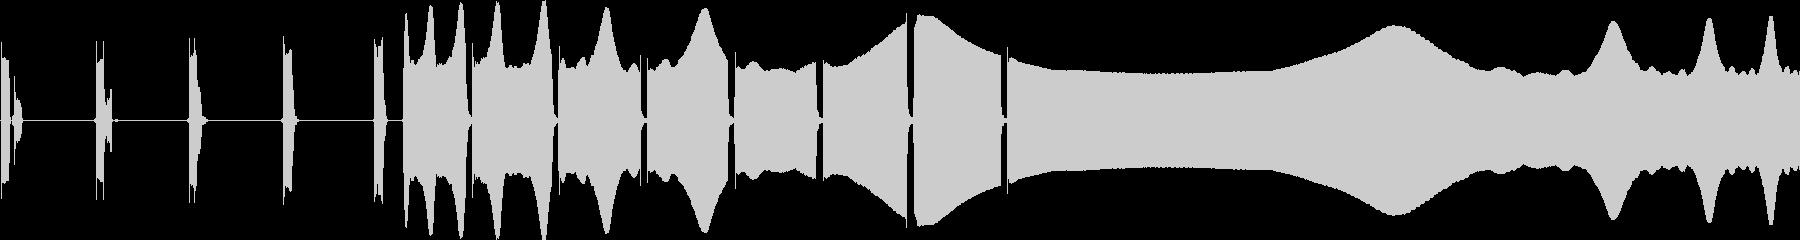 高ピッチの段階的点滅アラームの未再生の波形